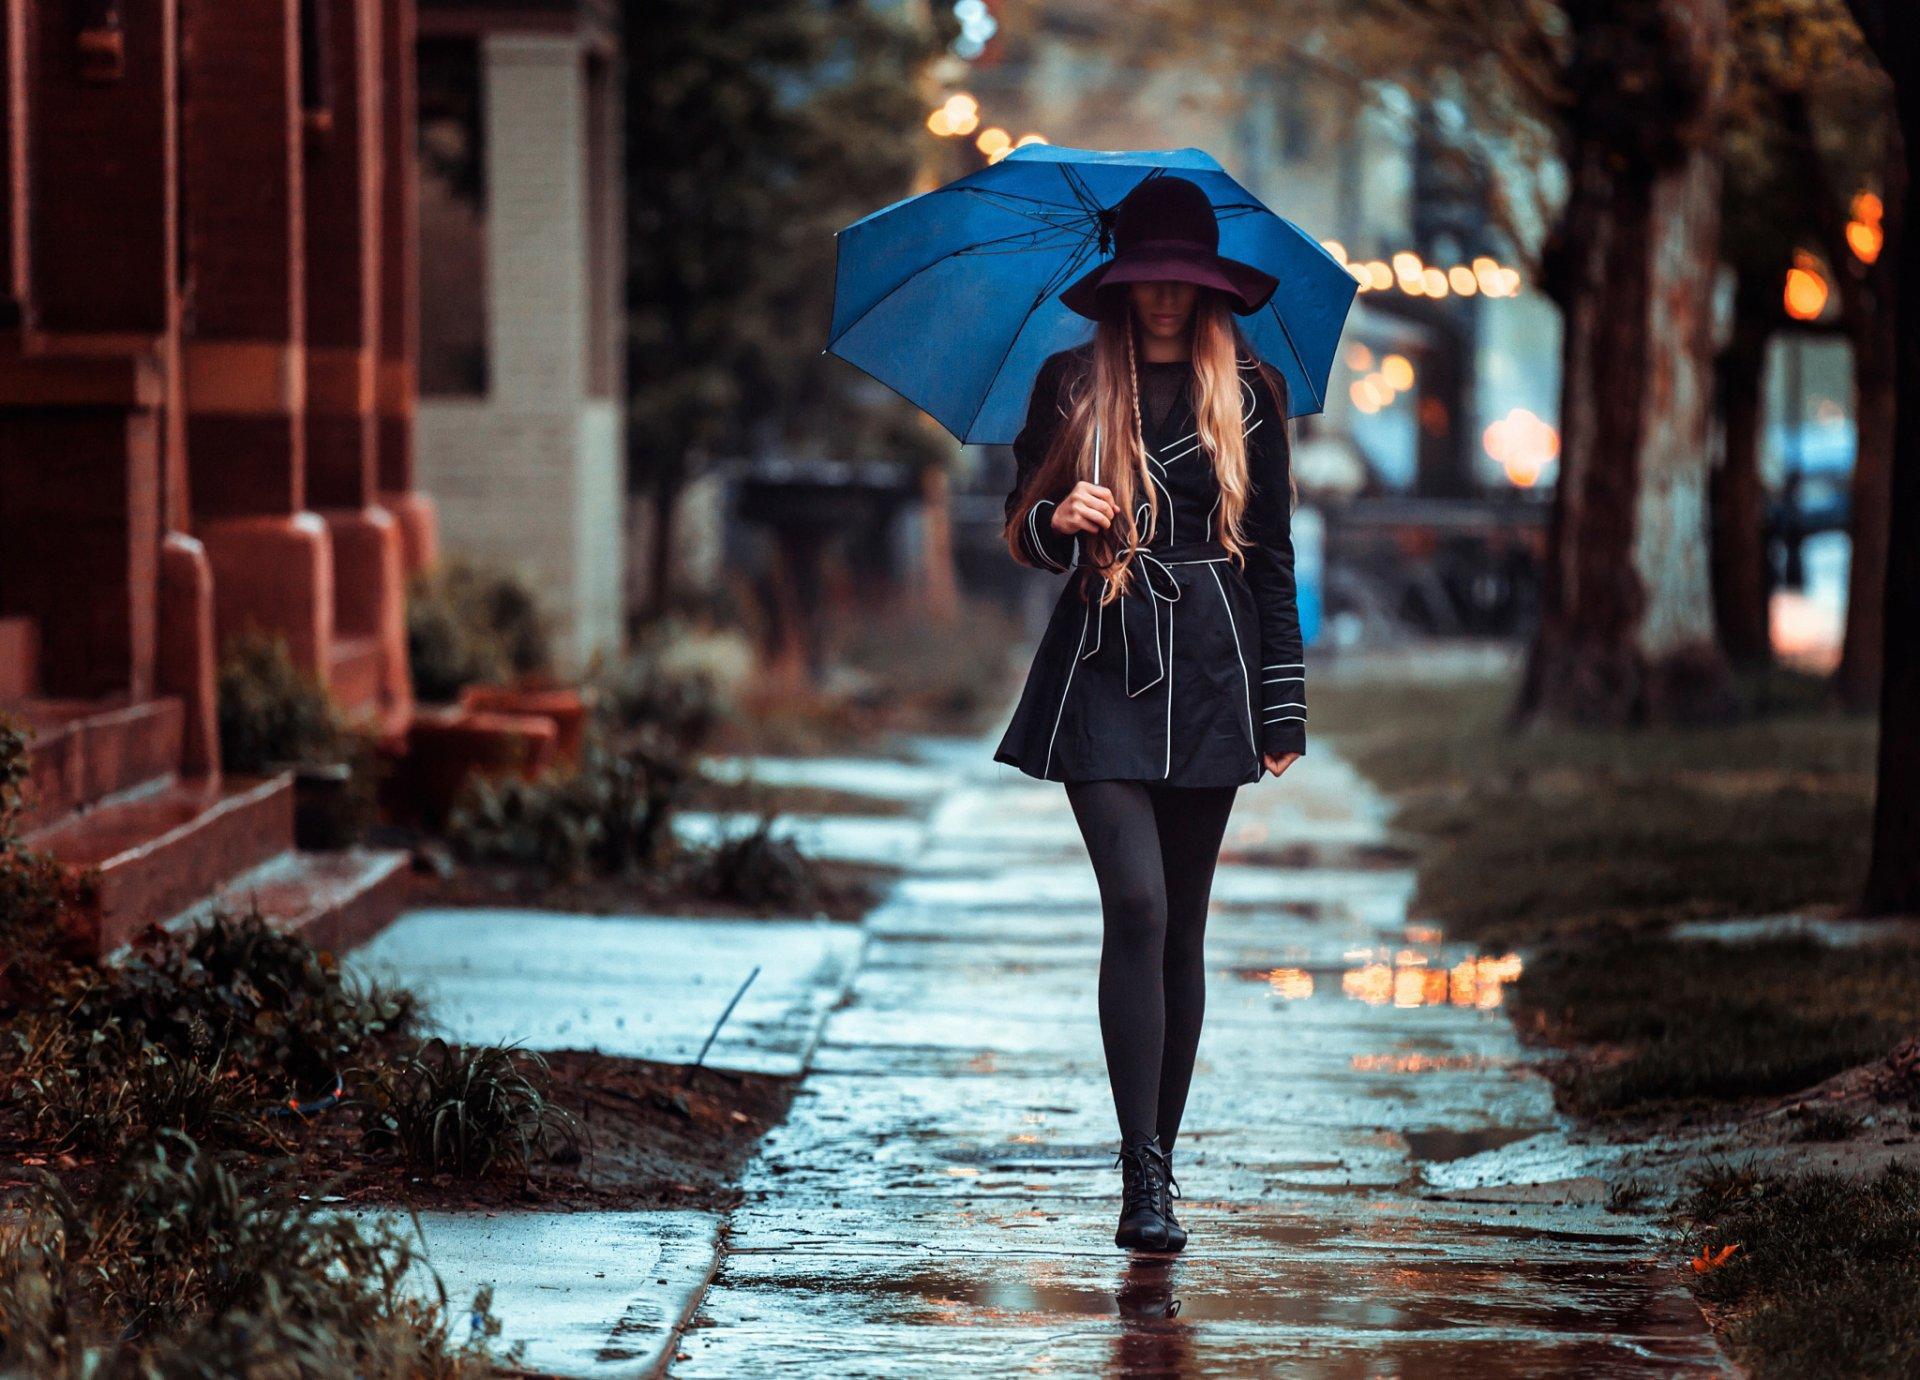 девушка зонт дождь природа  № 3582397 бесплатно